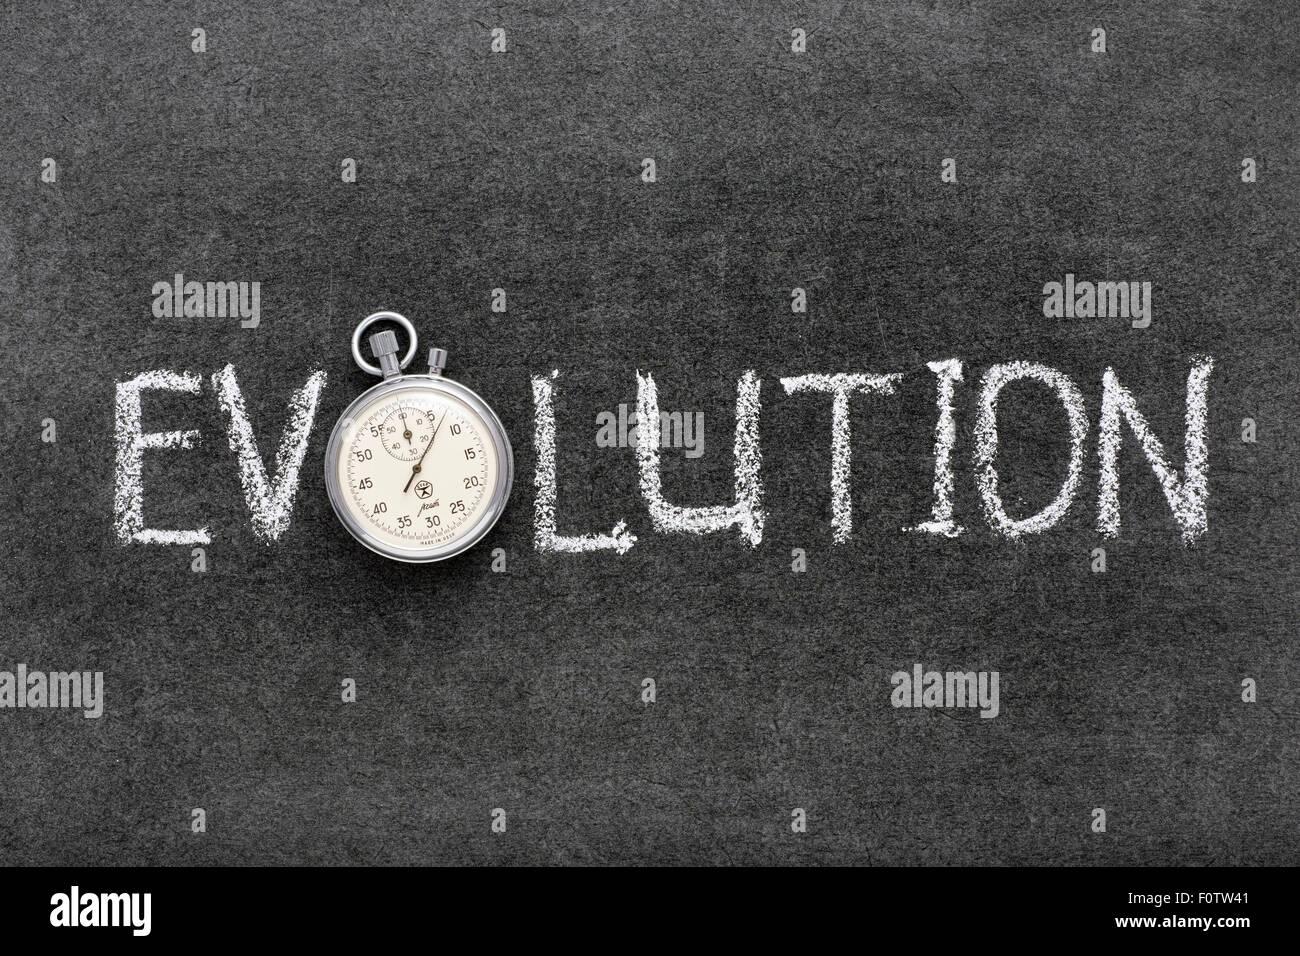 Evoluzione parola manoscritta su lavagna con vintage cronometro preciso utilizzato al posto di o Immagini Stock